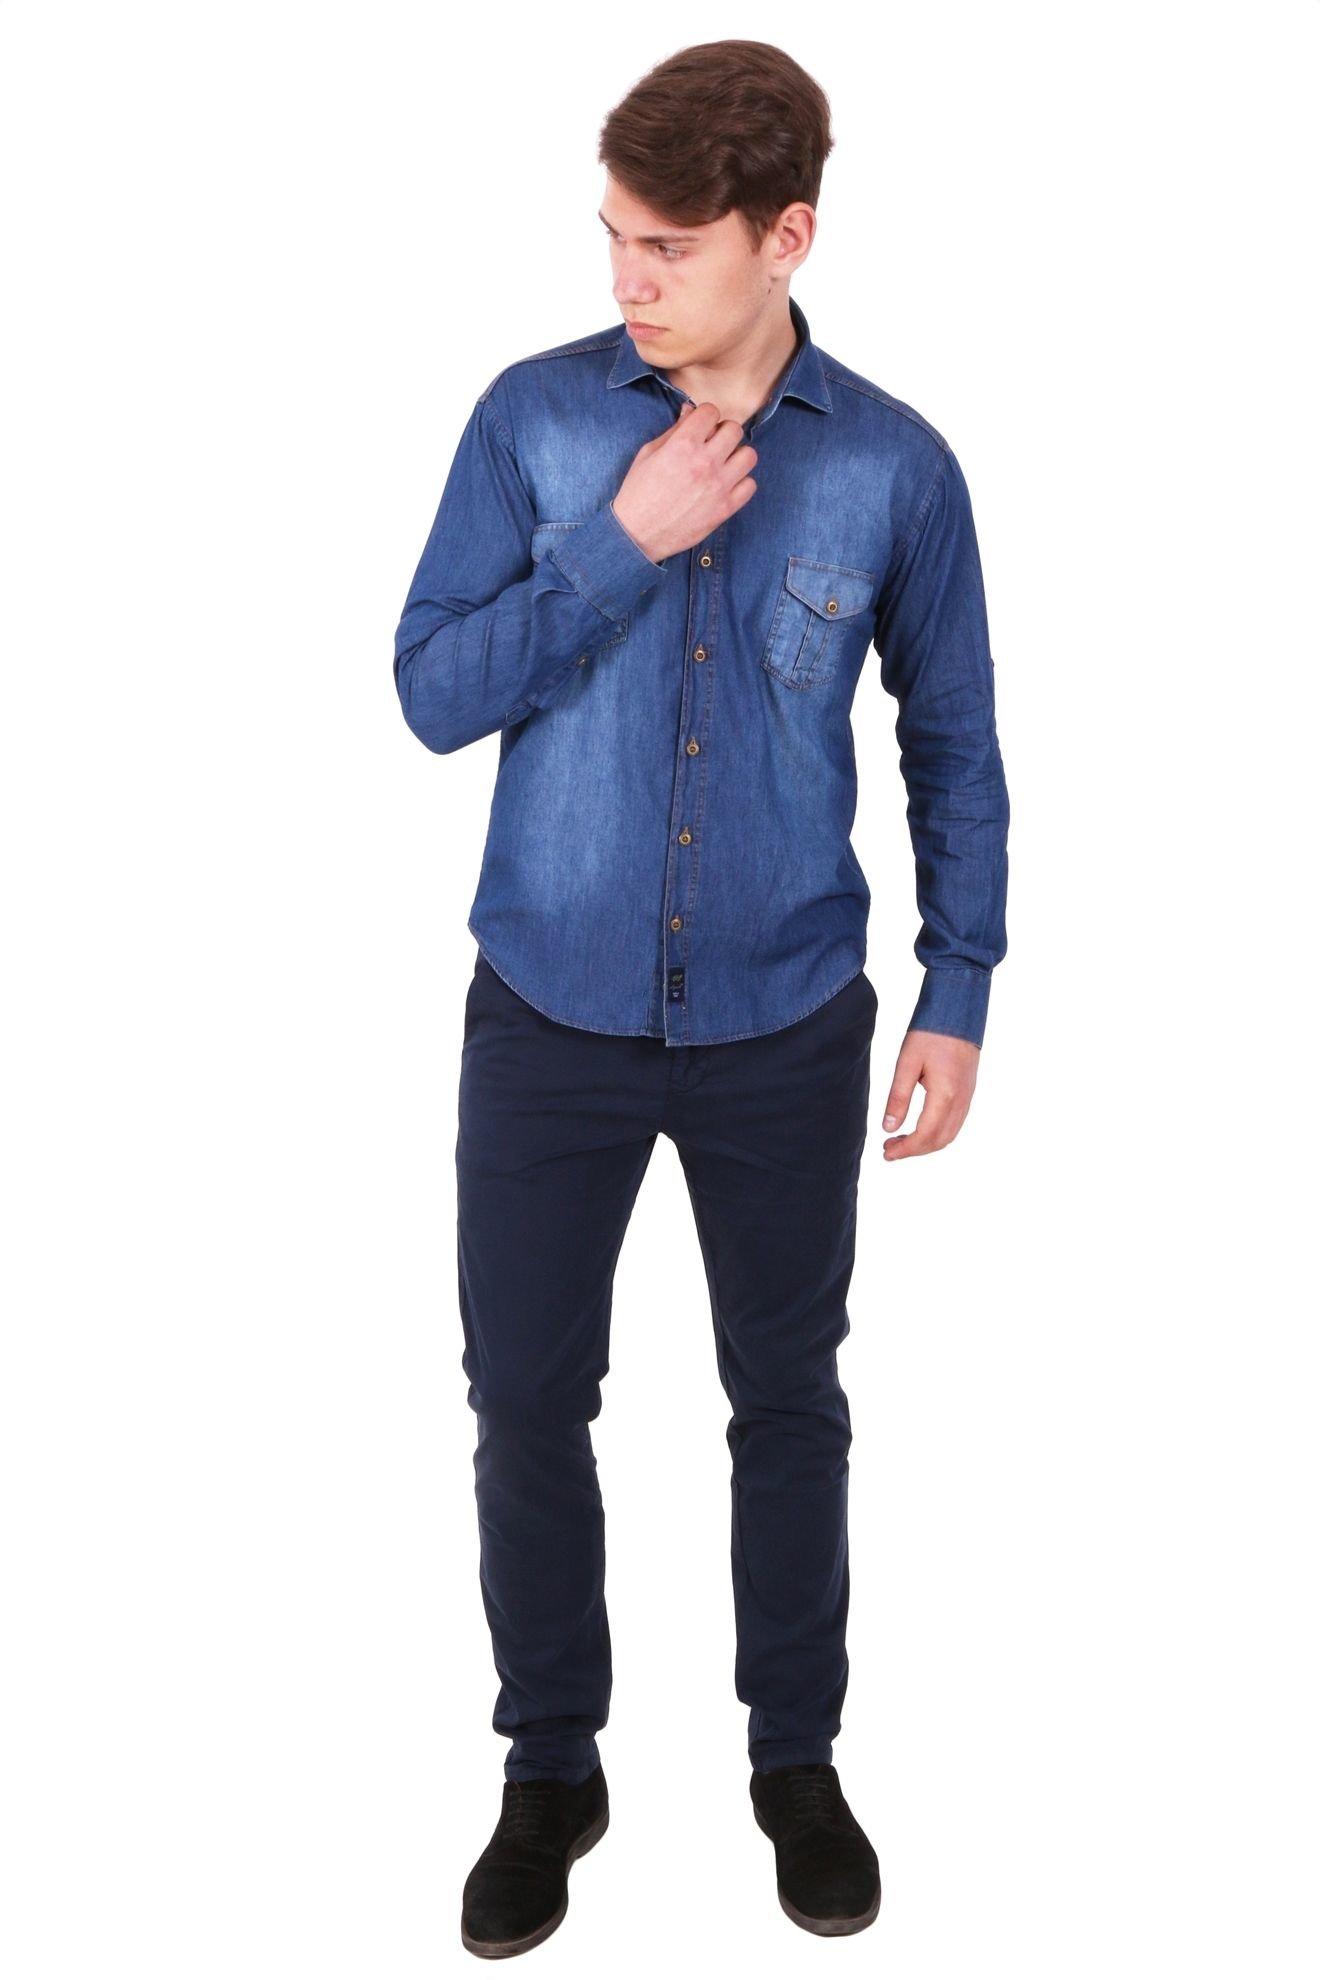 Джинсовая рубашка с рукавом трансформером (Арт. Т 2080)